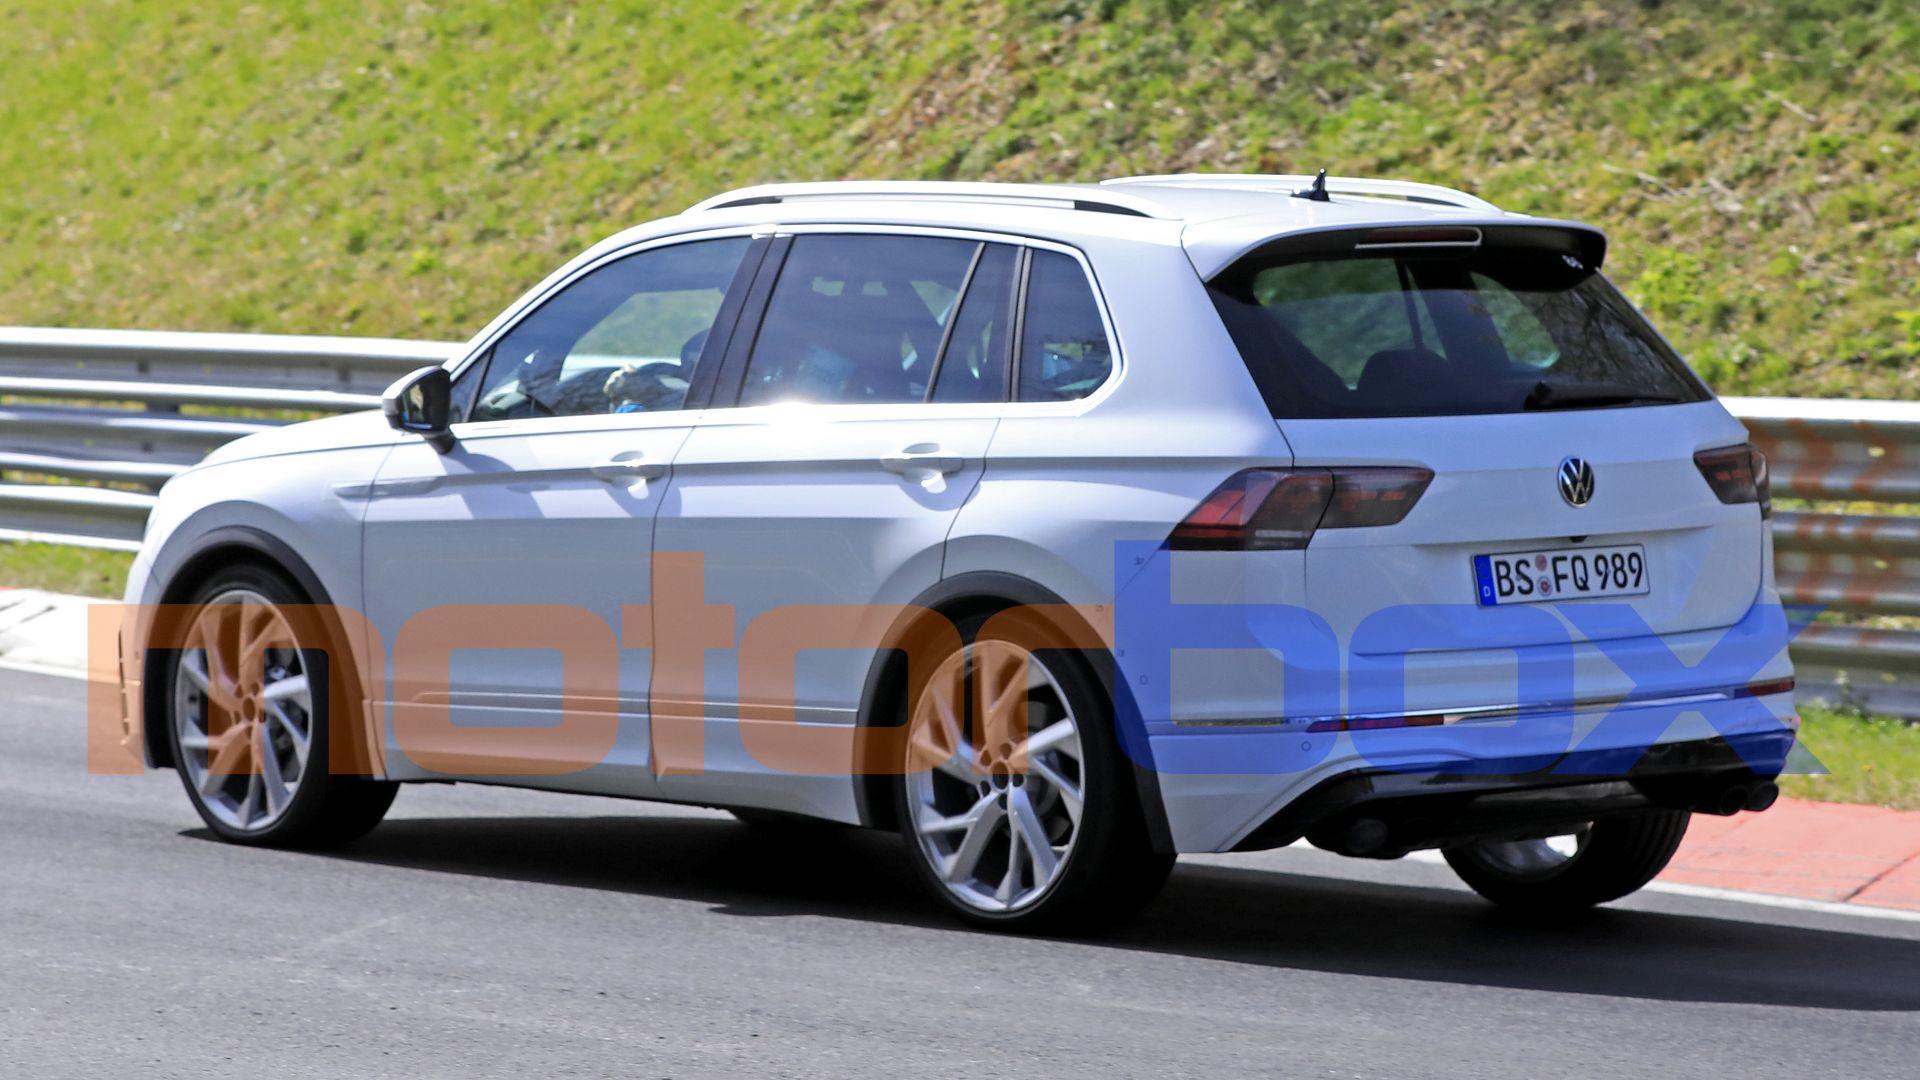 Nuova Volkswagen Tiguan R 2021: foto, news, tempi di ...